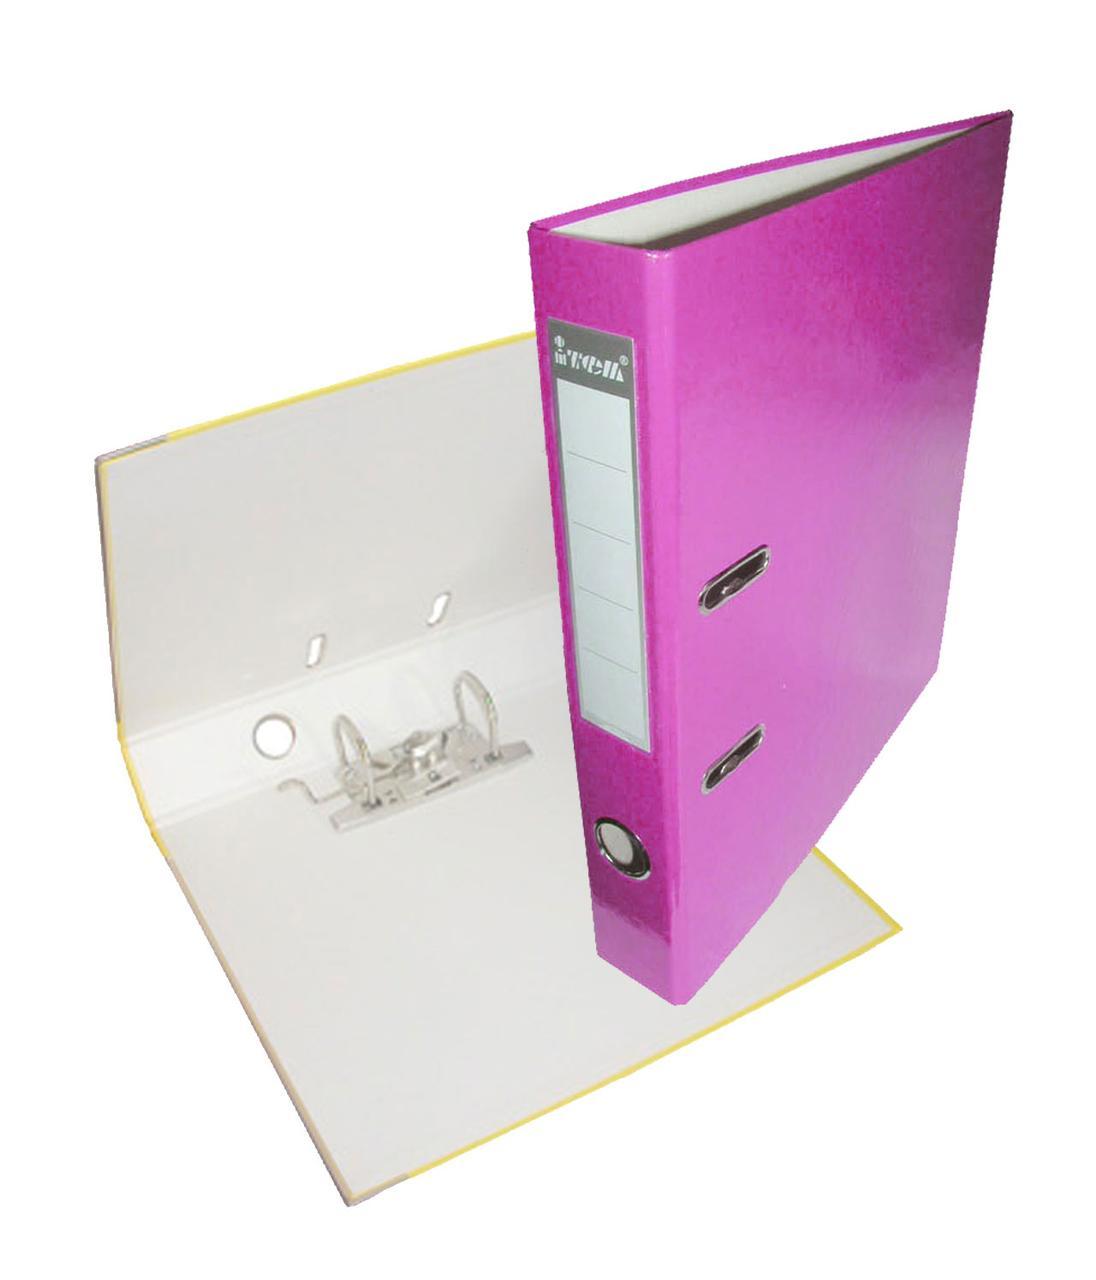 Папка-регистратор, А4, 50 мм, РР-покрытие, кармашек для этикетки, металлический кант